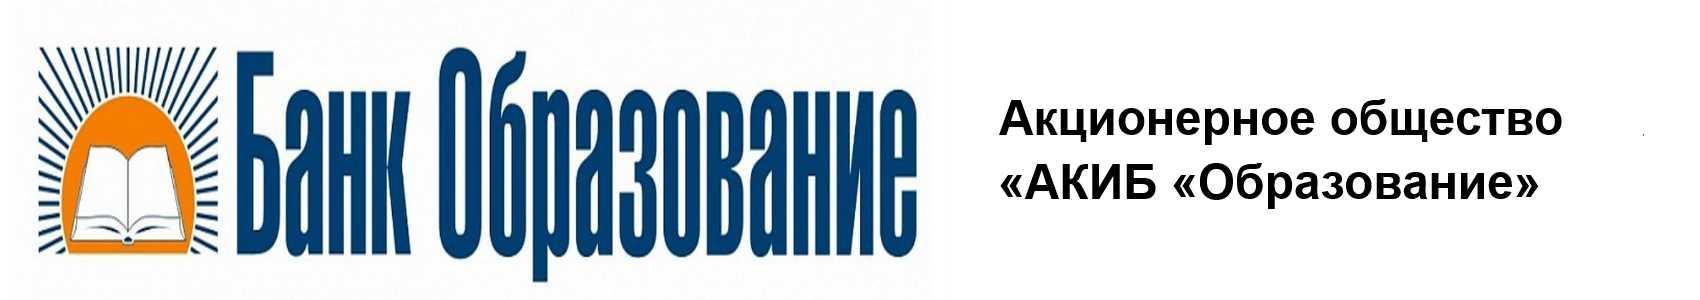 АО «АКИБ «Образование»